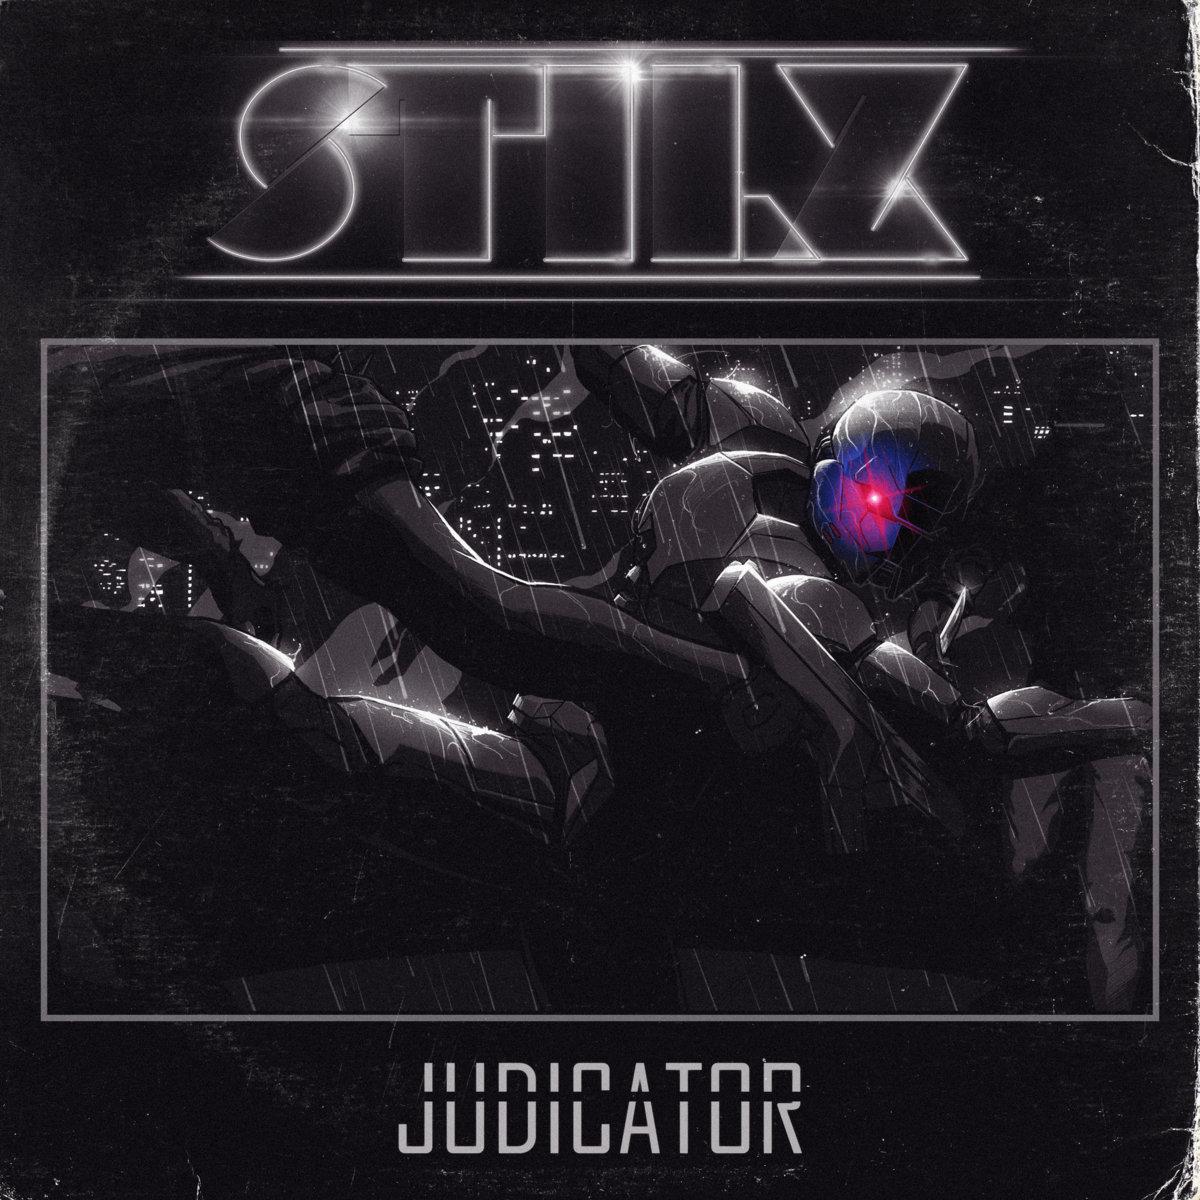 stilz - judicator